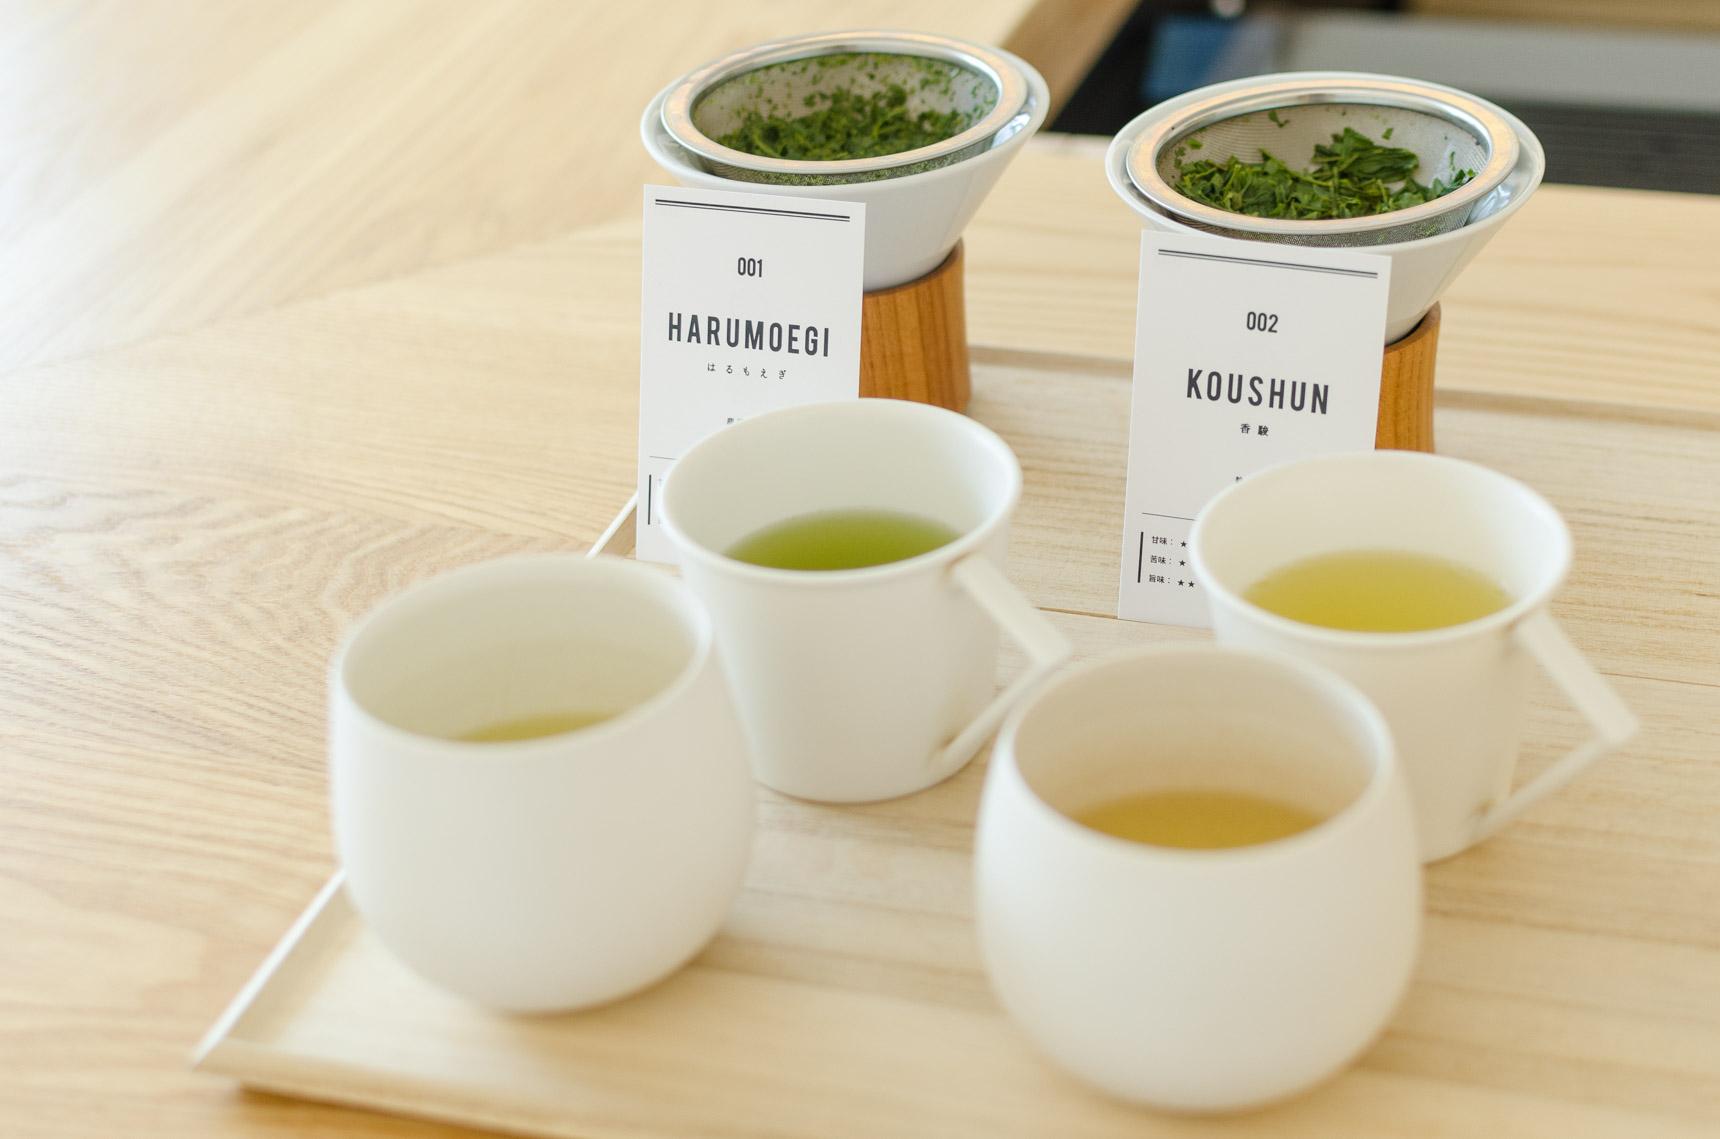 さらに、1煎目を飲み終わる頃には、同じ茶葉を使って2煎目を淹れていただけます。